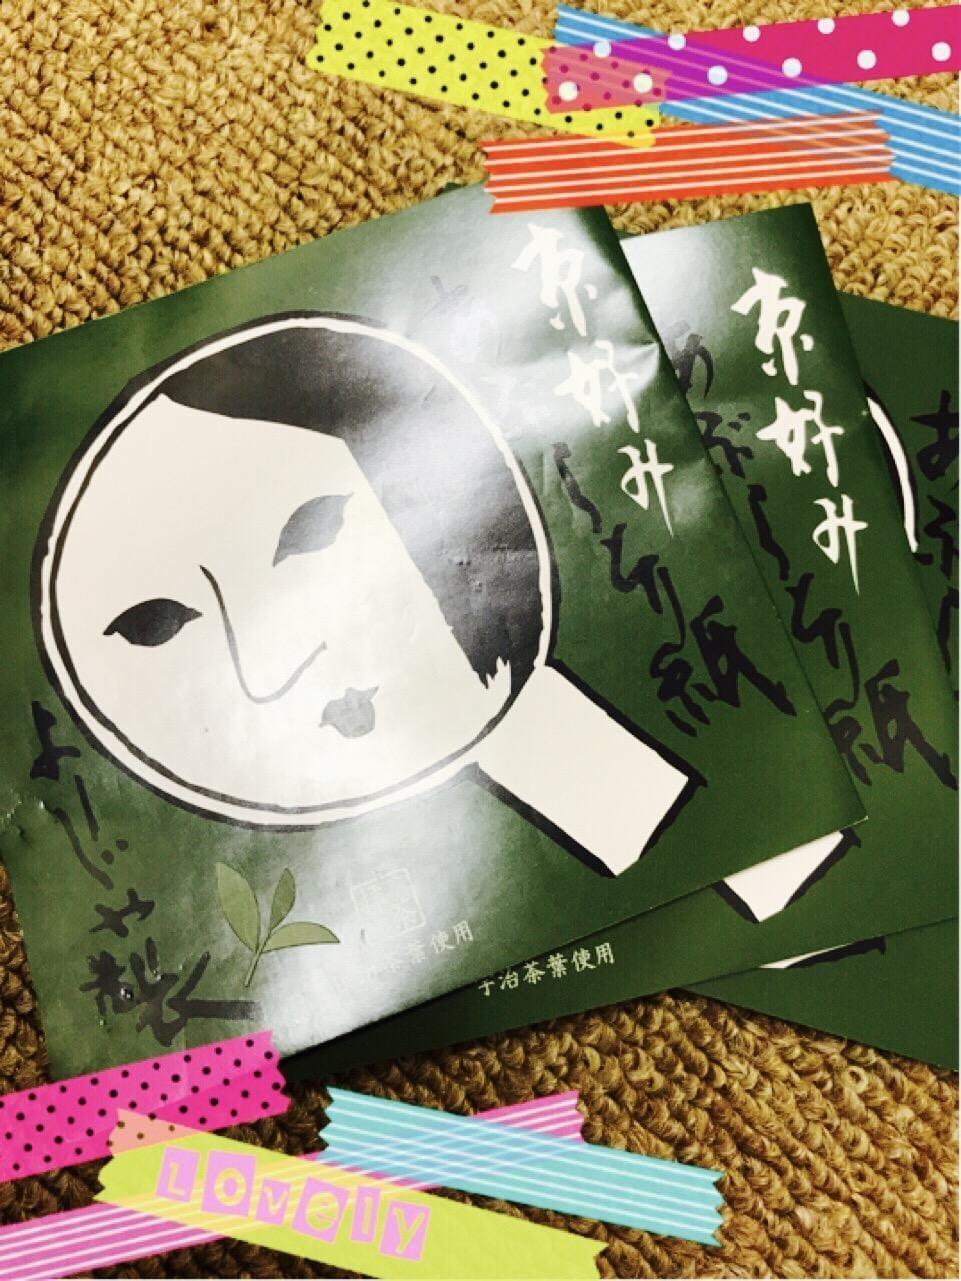 「よーじやといえば( ^ω^ )」10/19日(金) 00:20 | 大塚 ゆみこの写メ・風俗動画